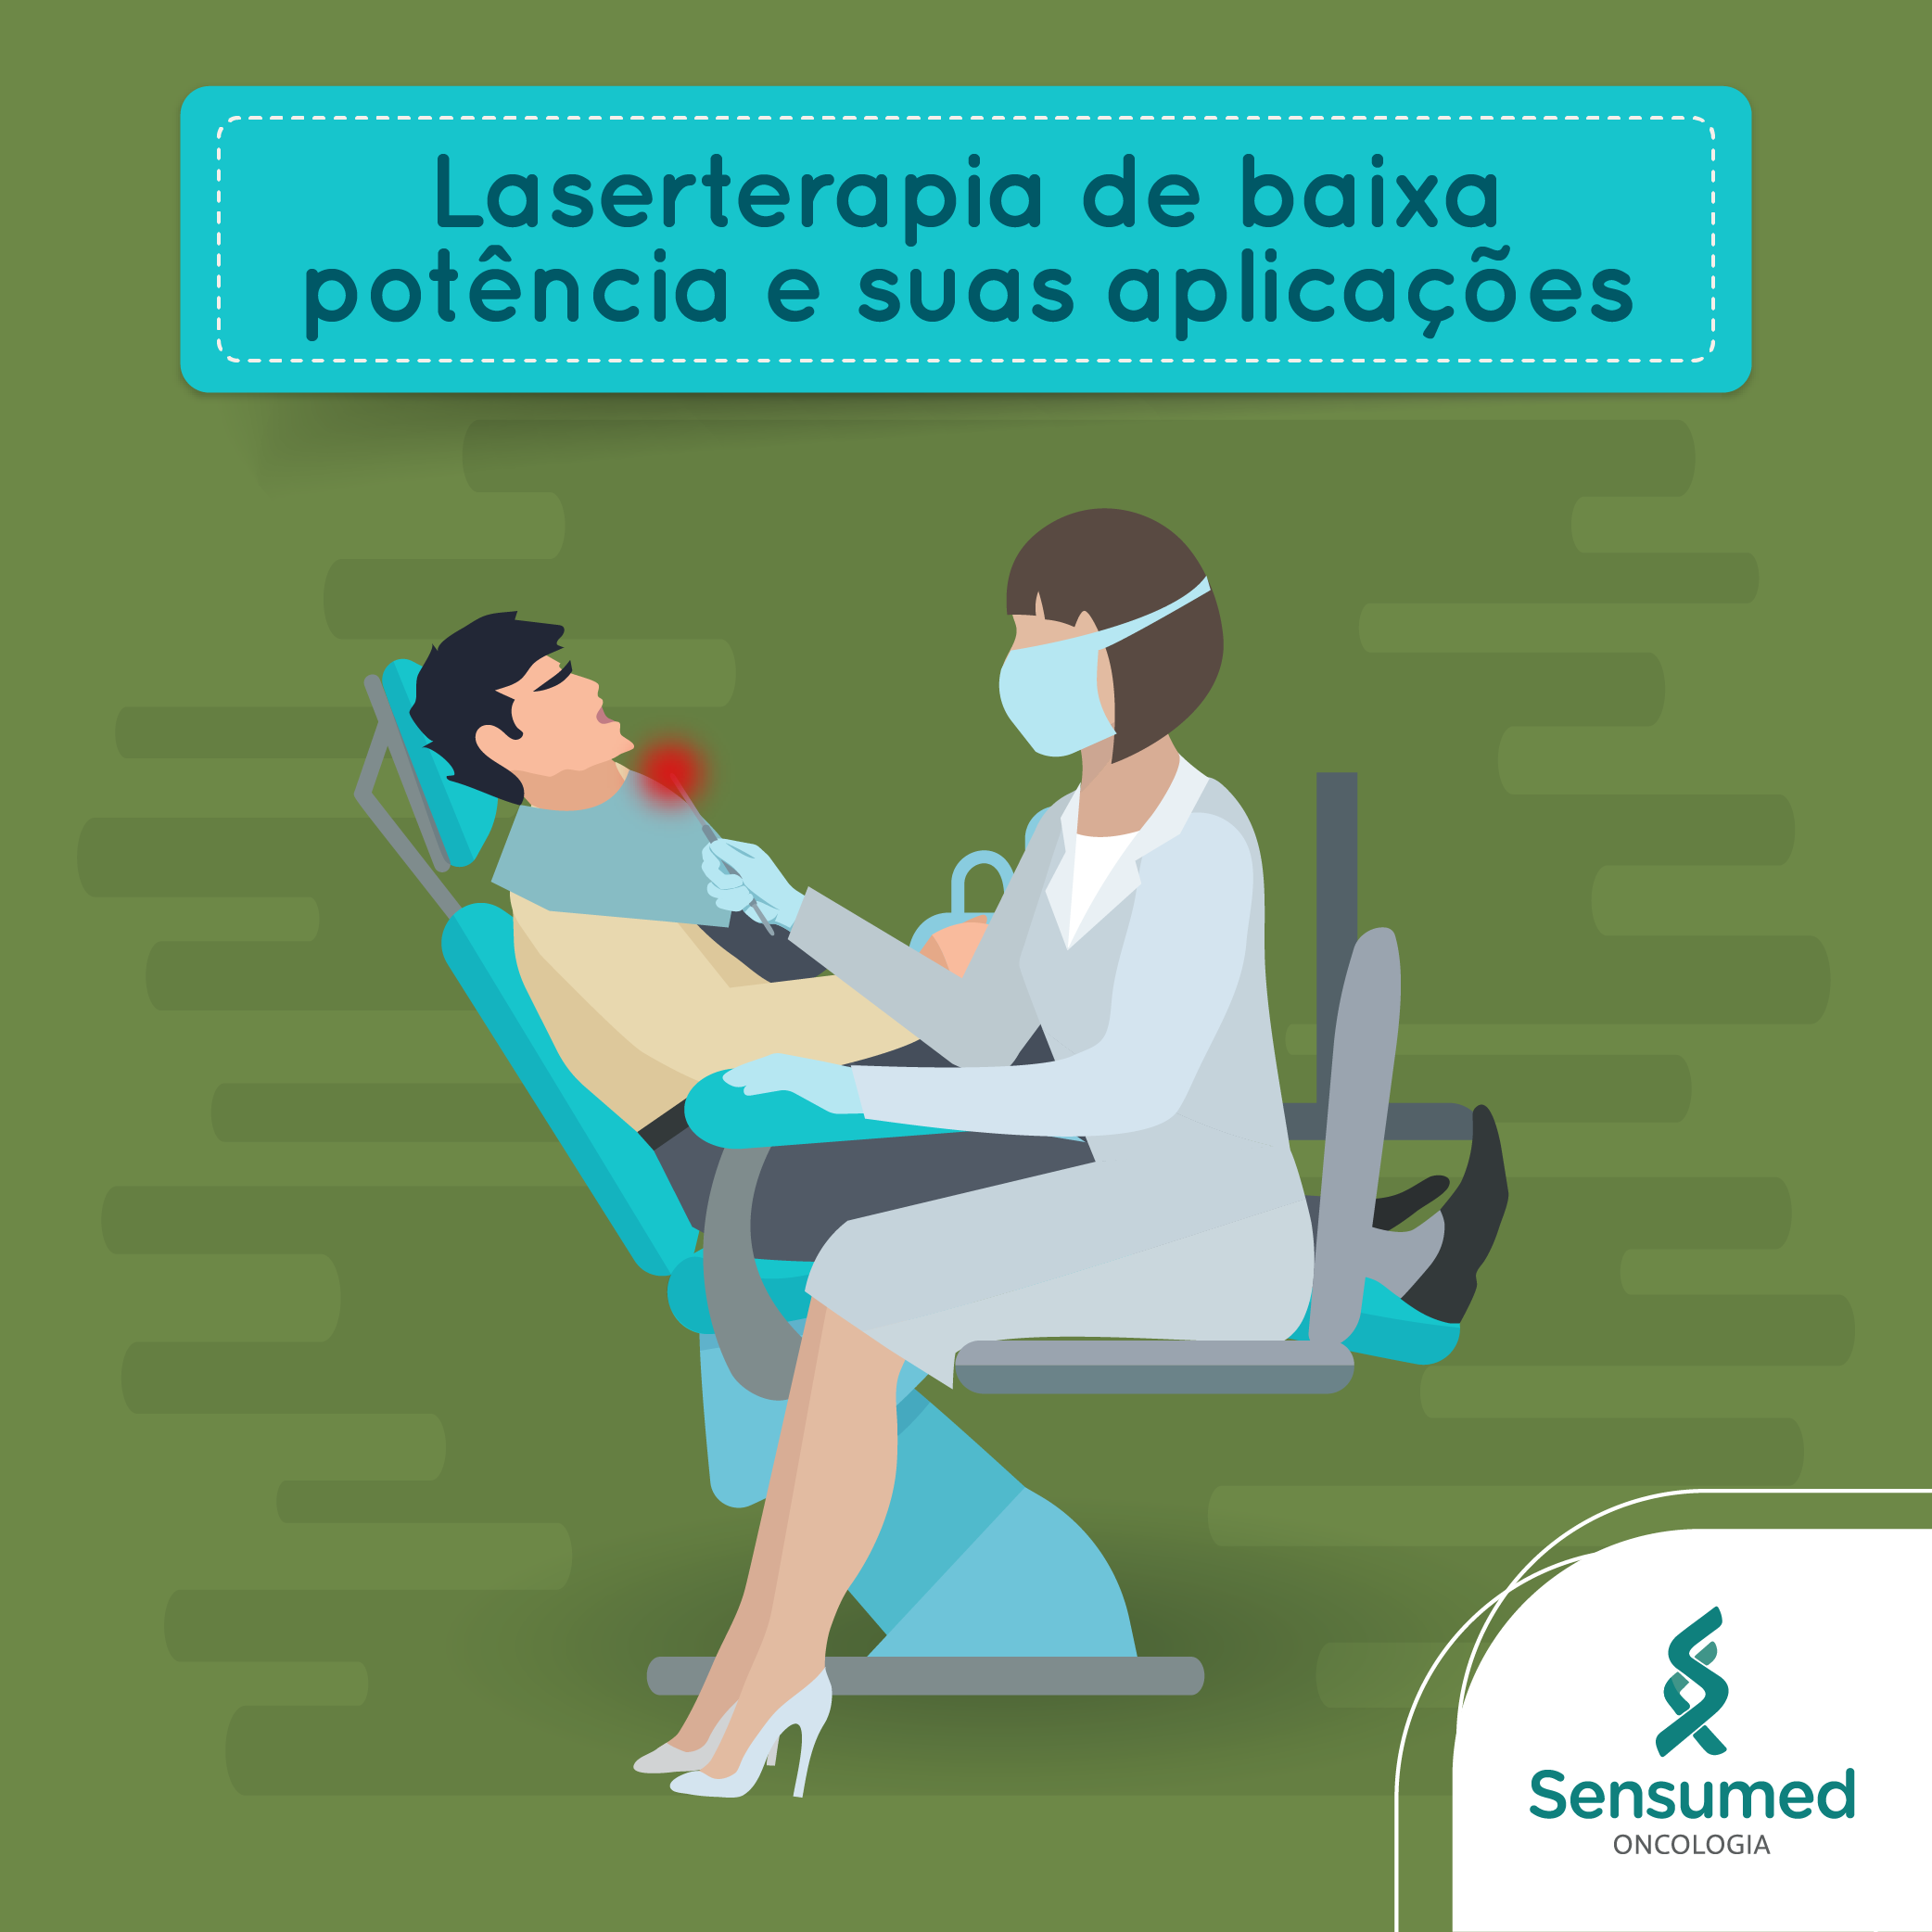 Laserterapia de baixa potência e suas aplicações